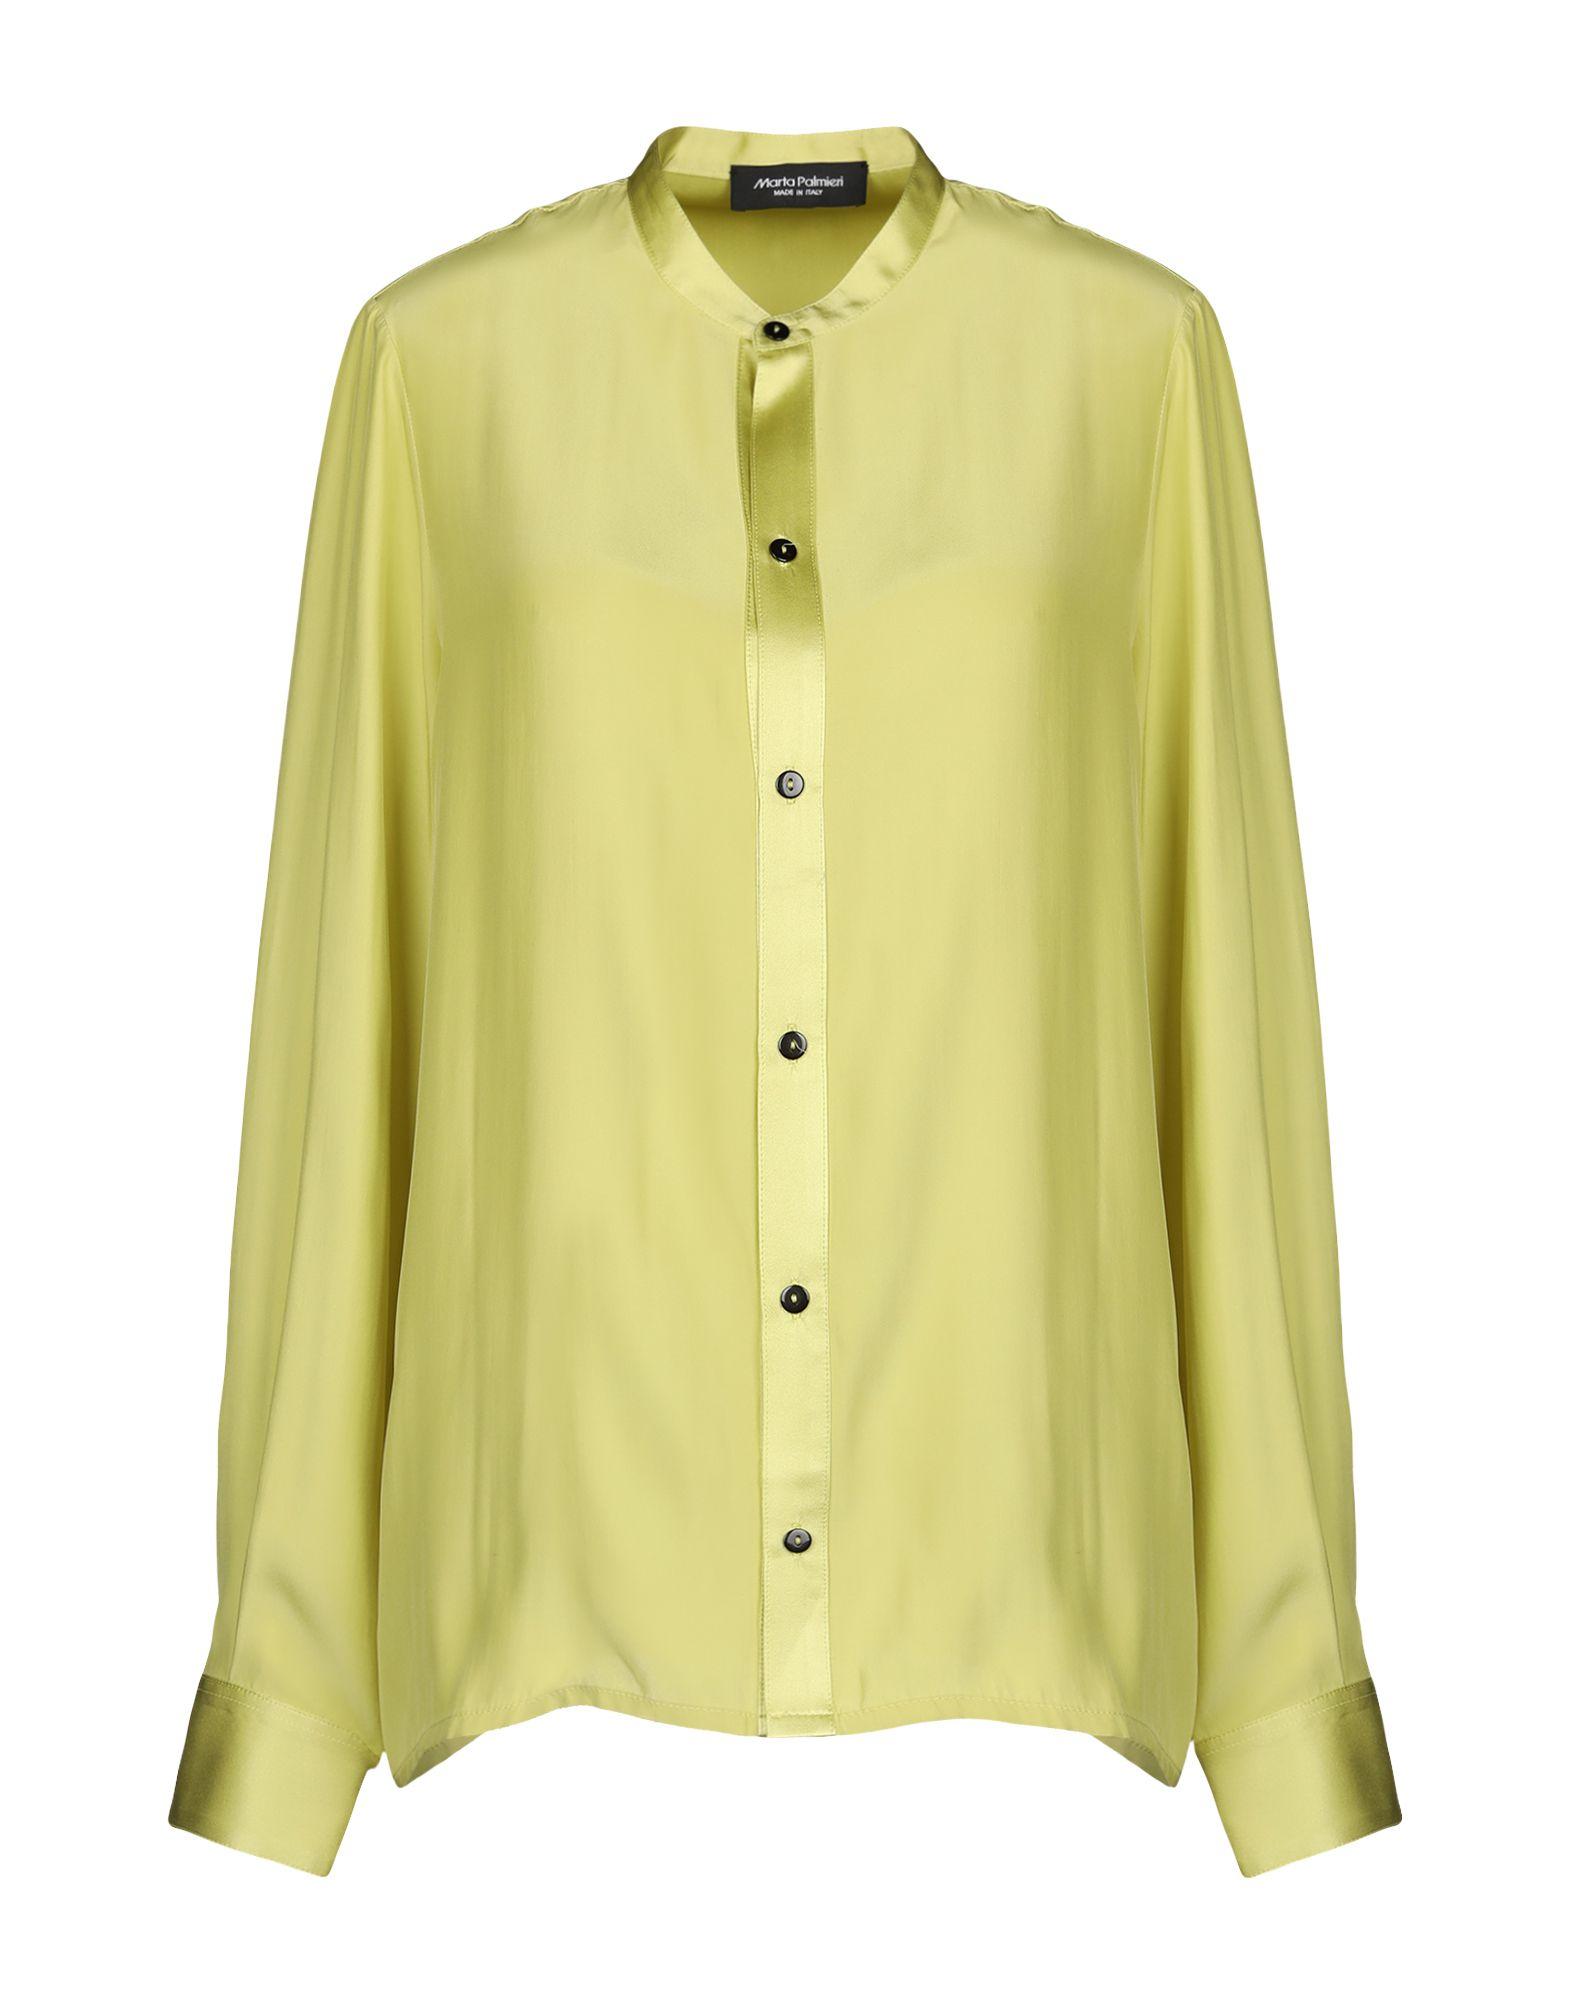 《送料無料》MARTA PALMIERI レディース シャツ ライトグリーン 44 100% ポリエステル